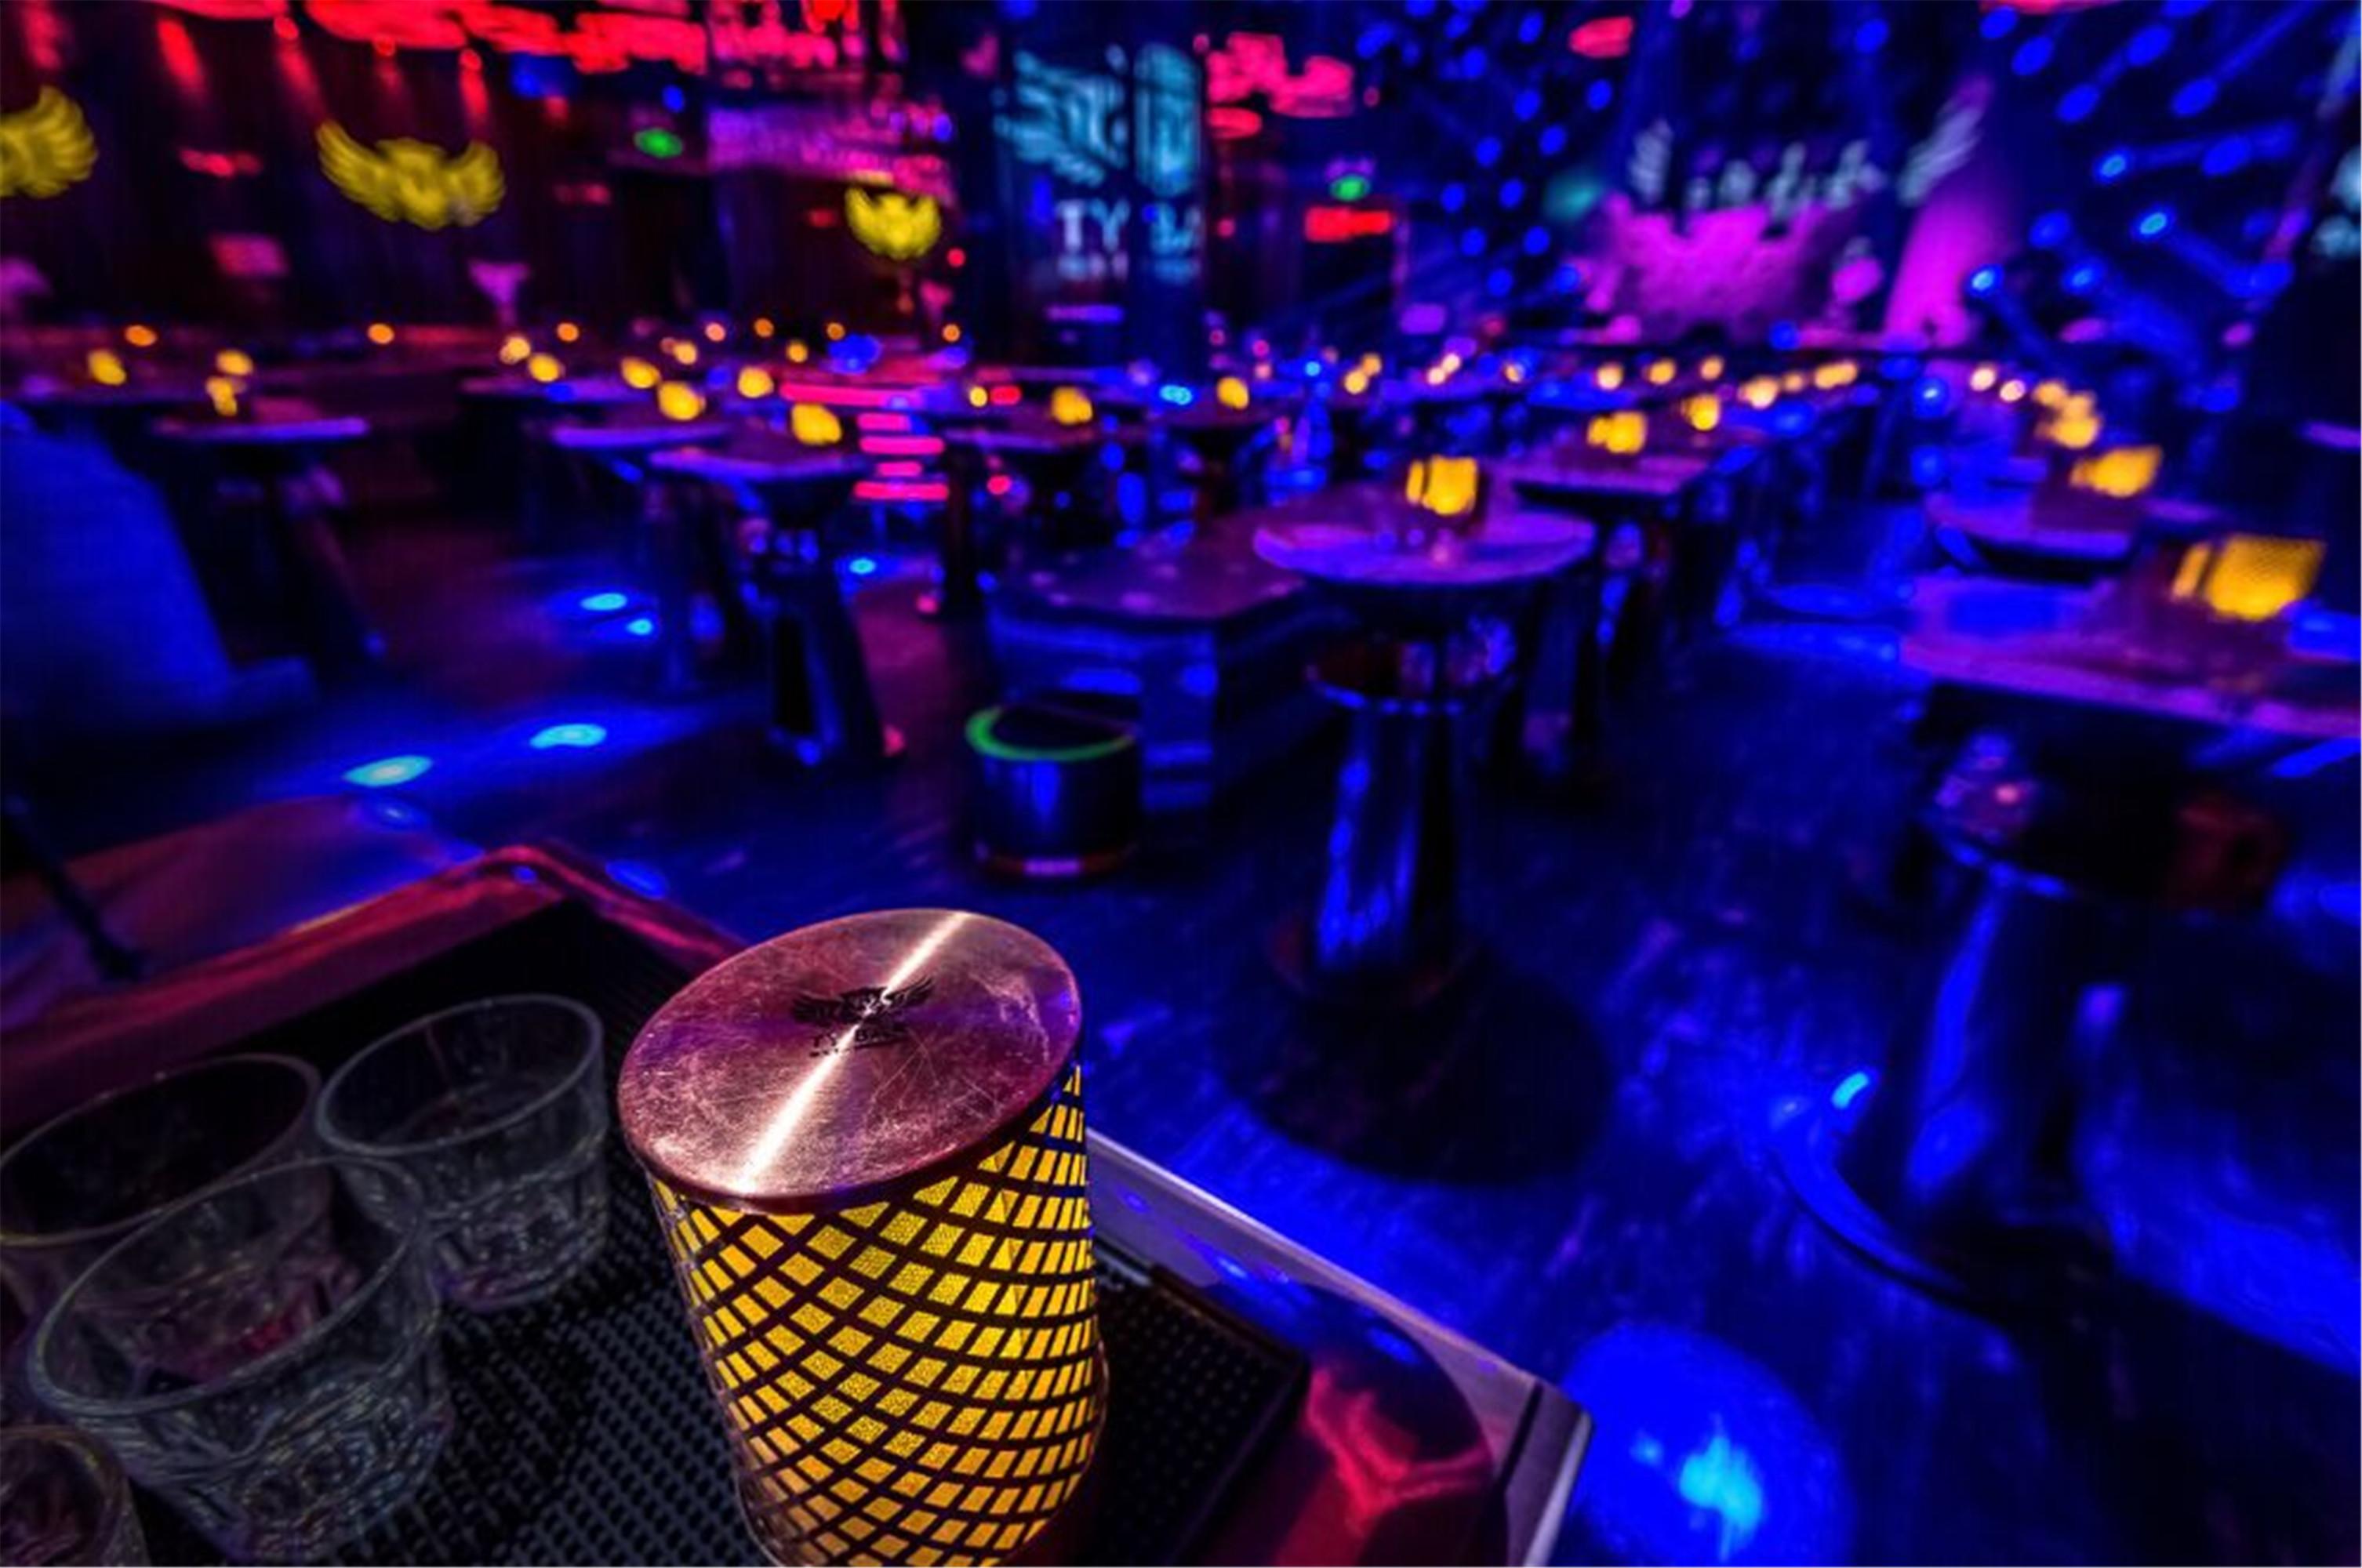 梦幻迷离酒吧装修餐桌灯具图片